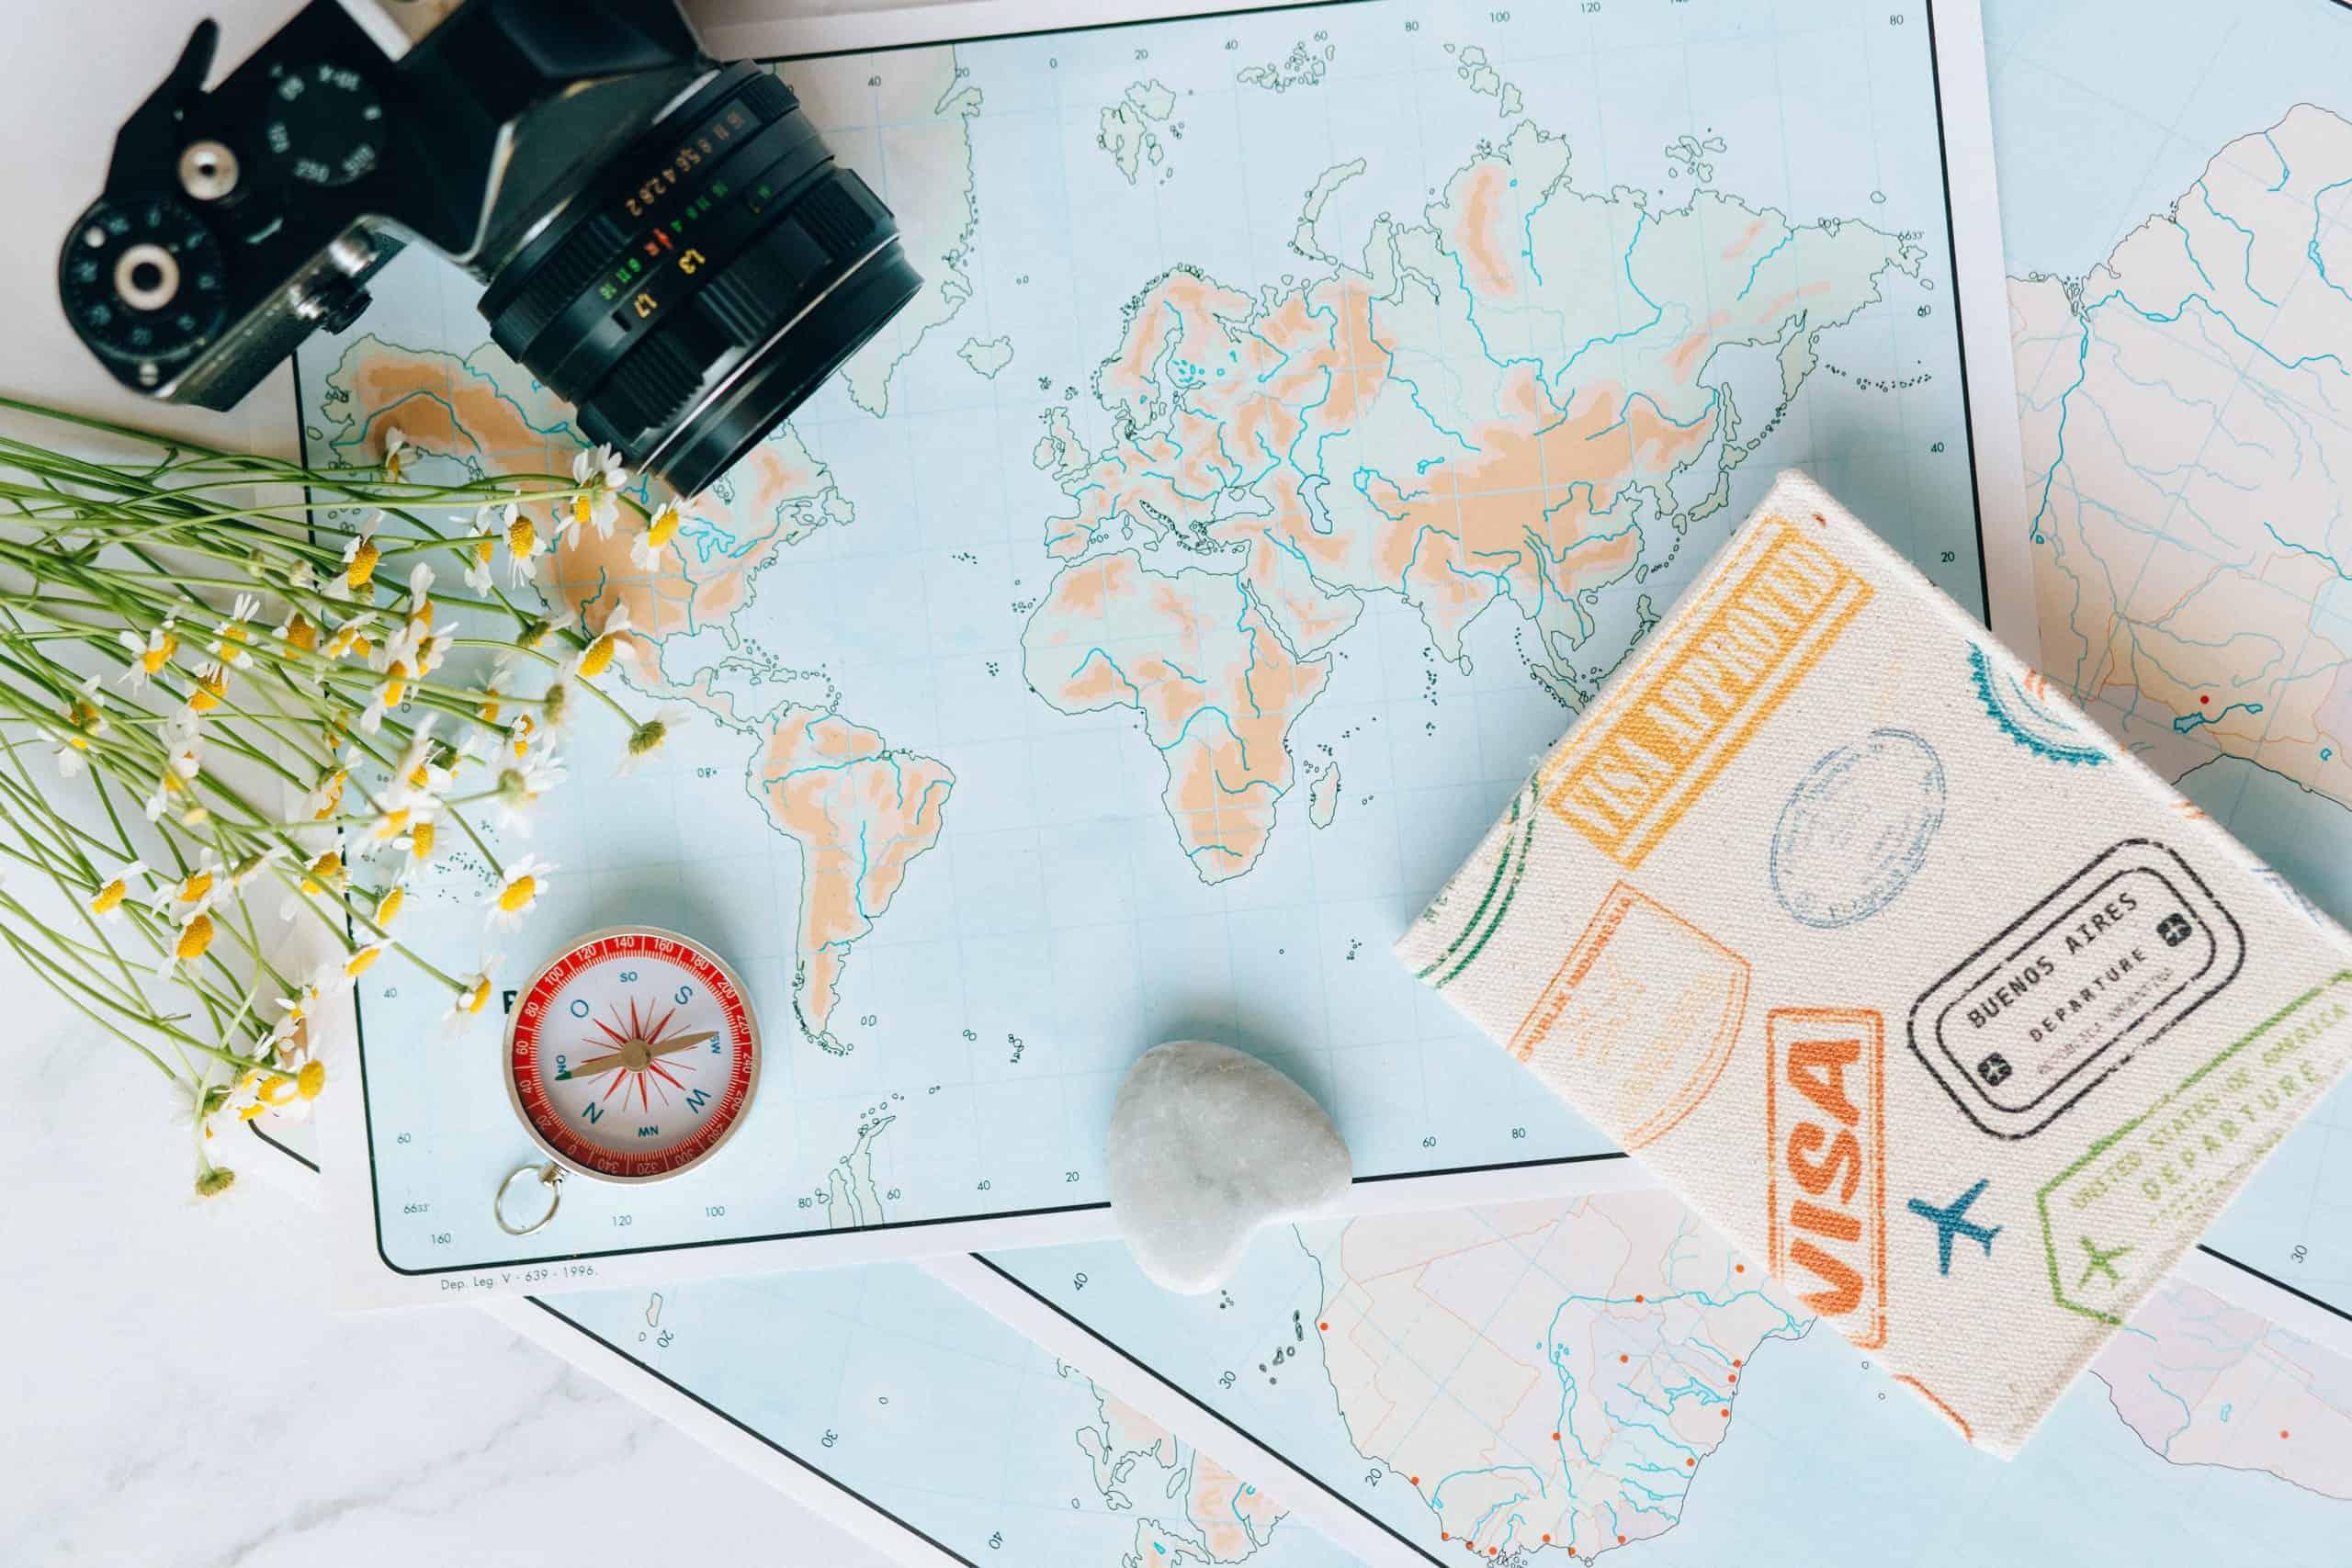 Geht das - Ohne viel Geld reisen? Es geht sogar eine Weltreise!